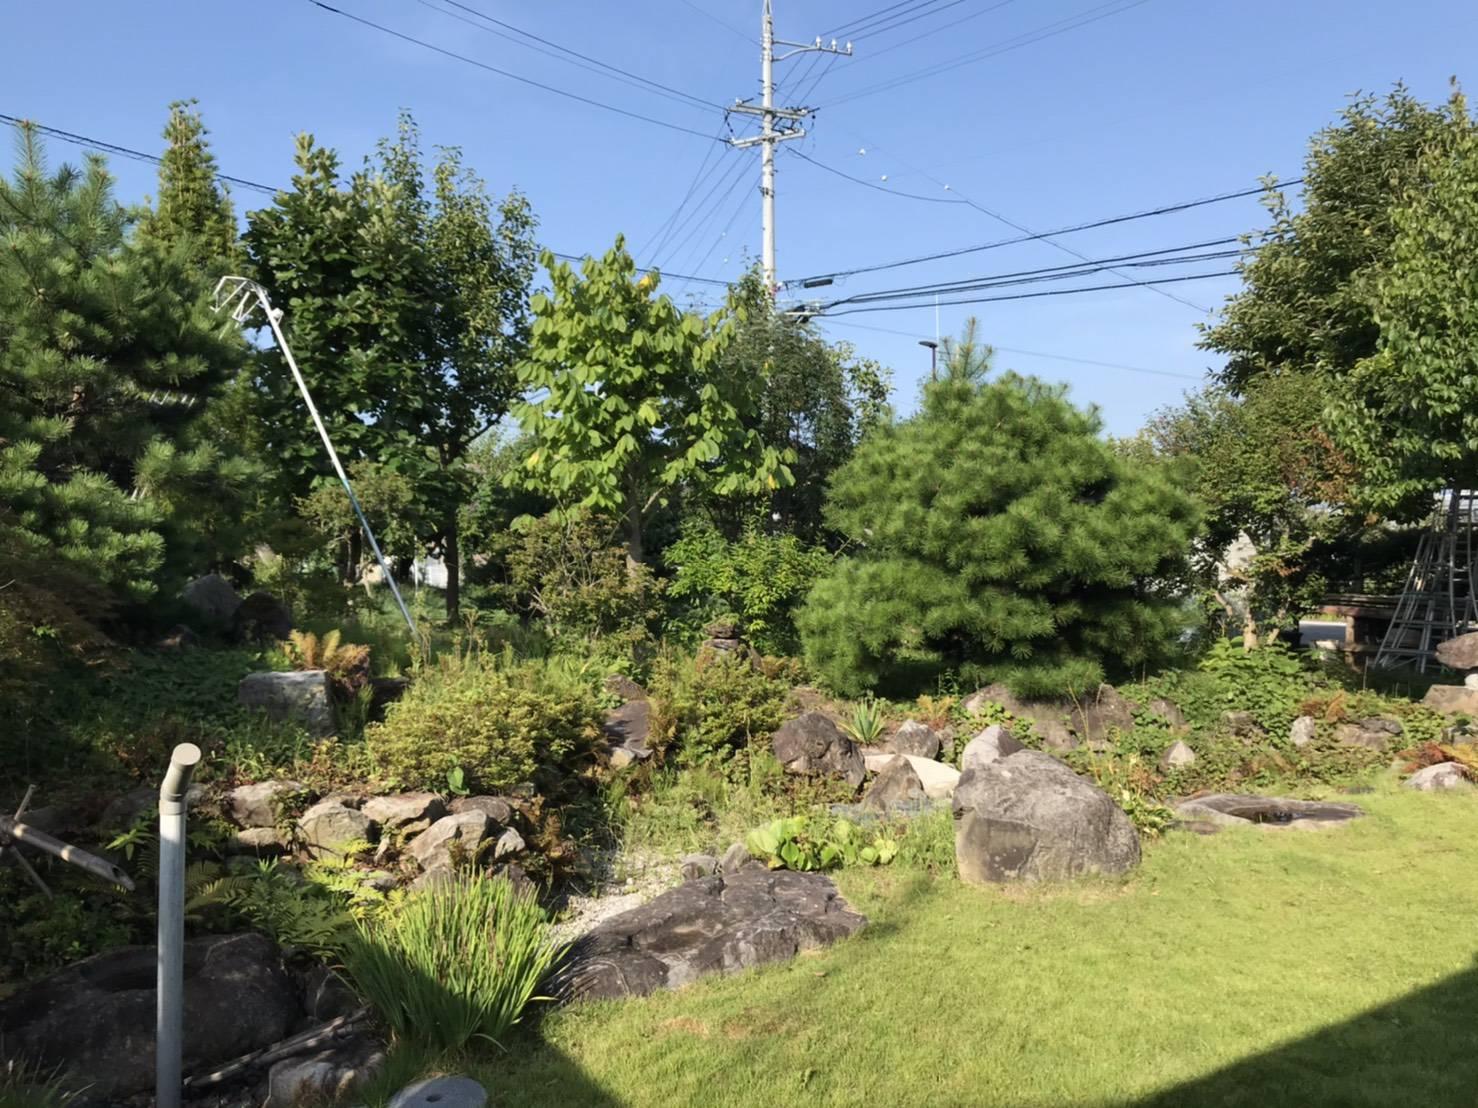 2020年8月30日:北信地域での草刈り・庭木の剪定1